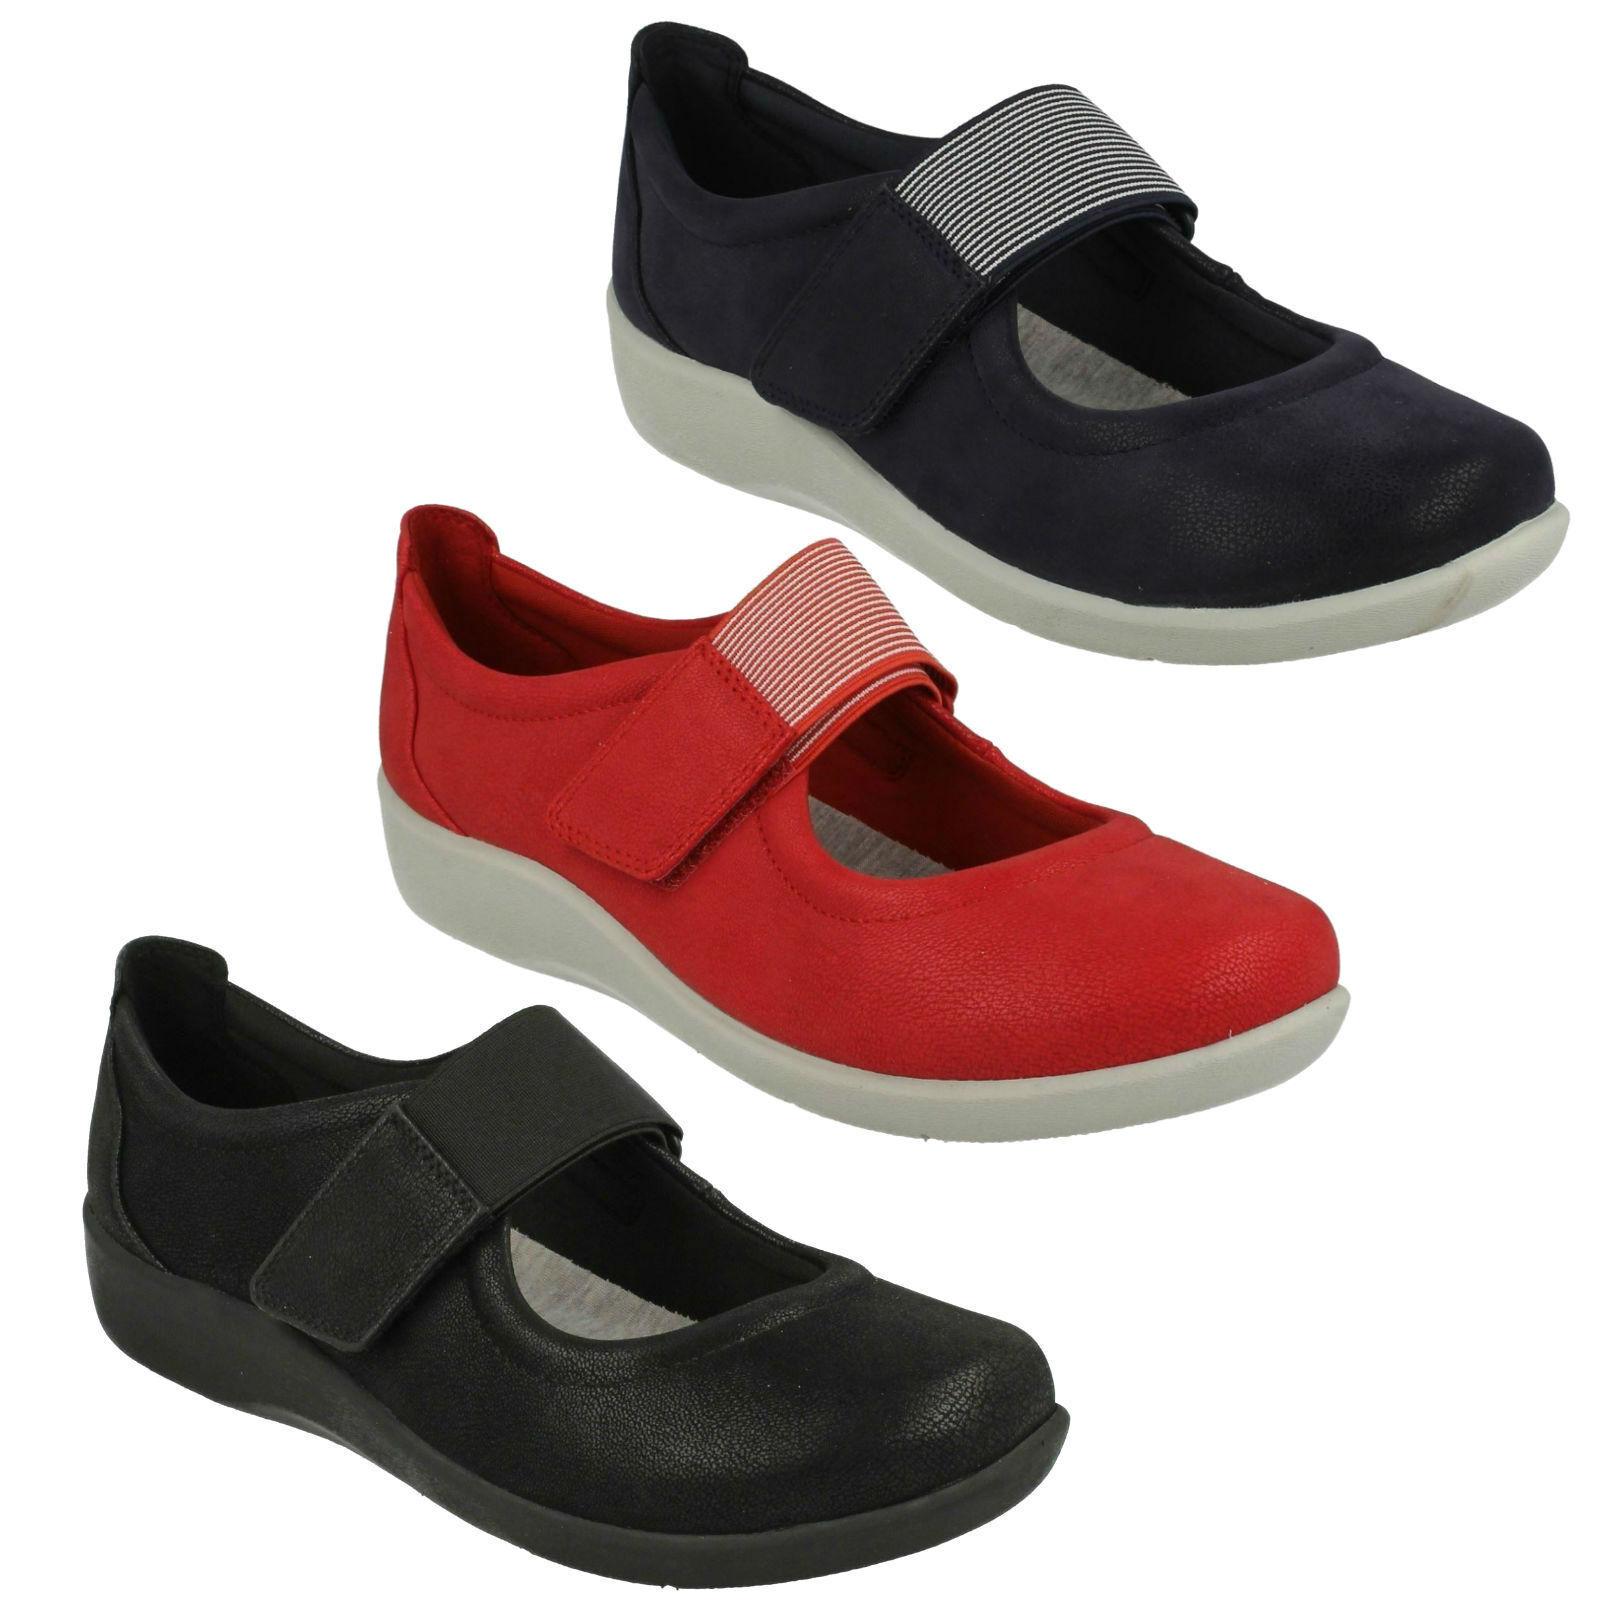 Damen Clarks cloudsteppers Klettverschluss breit Freizeit Pumps Schuhe Flache Schuhe Pumps a67cd7